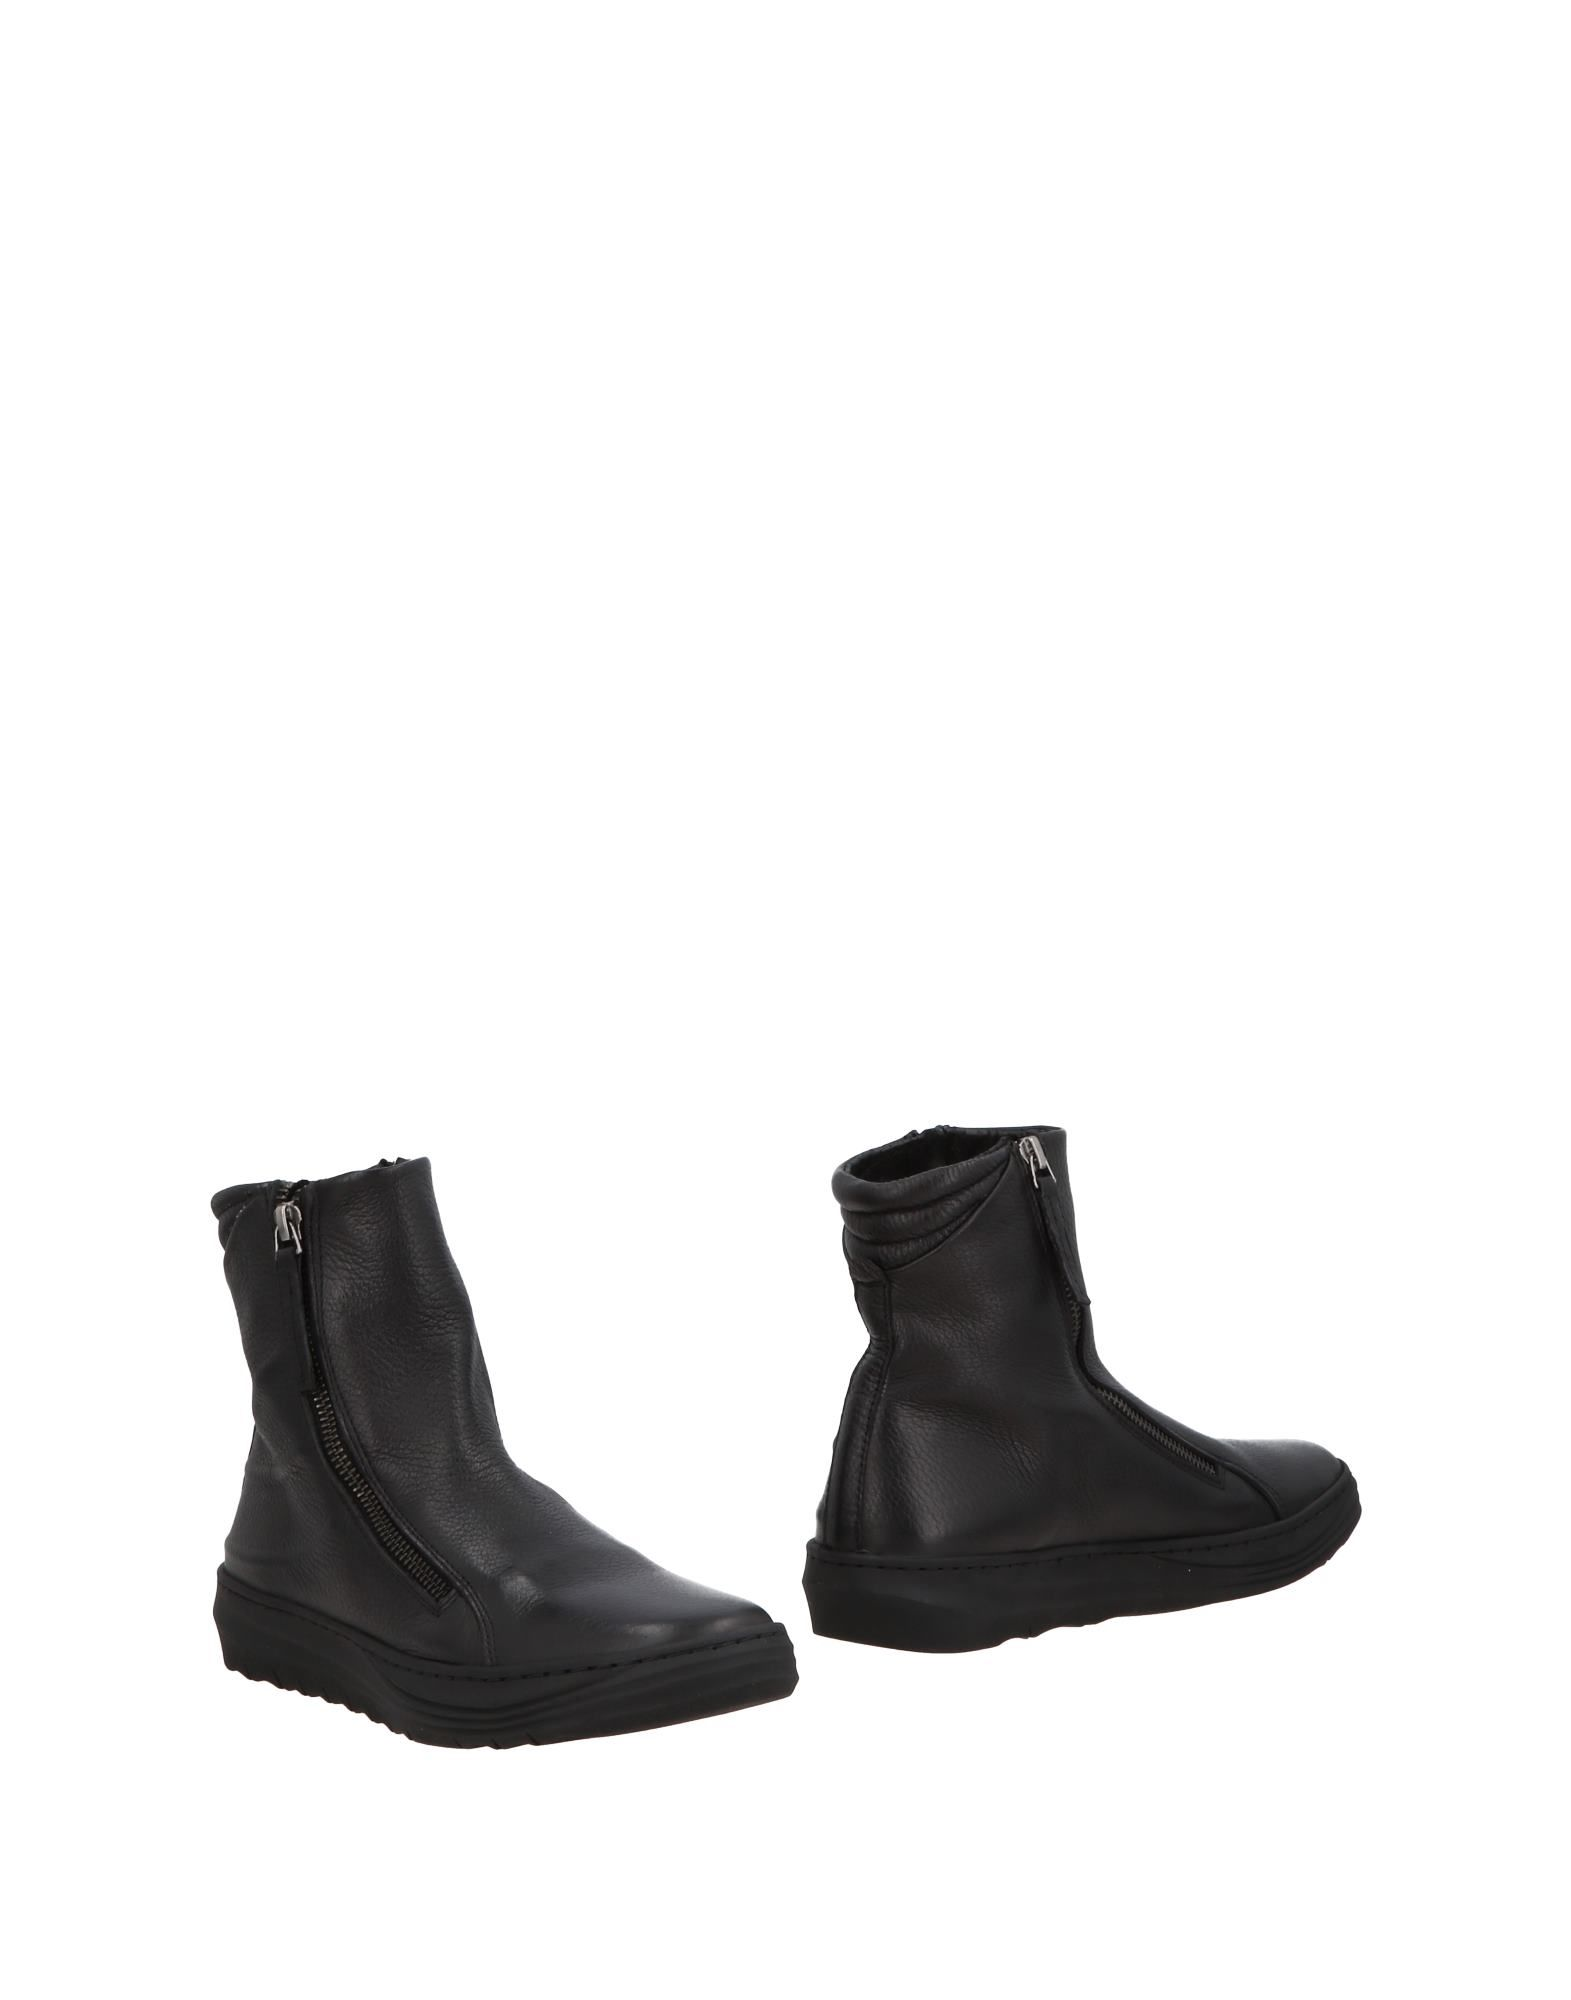 Khrio' Stiefelette Damen  11492096UB beliebte Gute Qualität beliebte 11492096UB Schuhe 74f47c